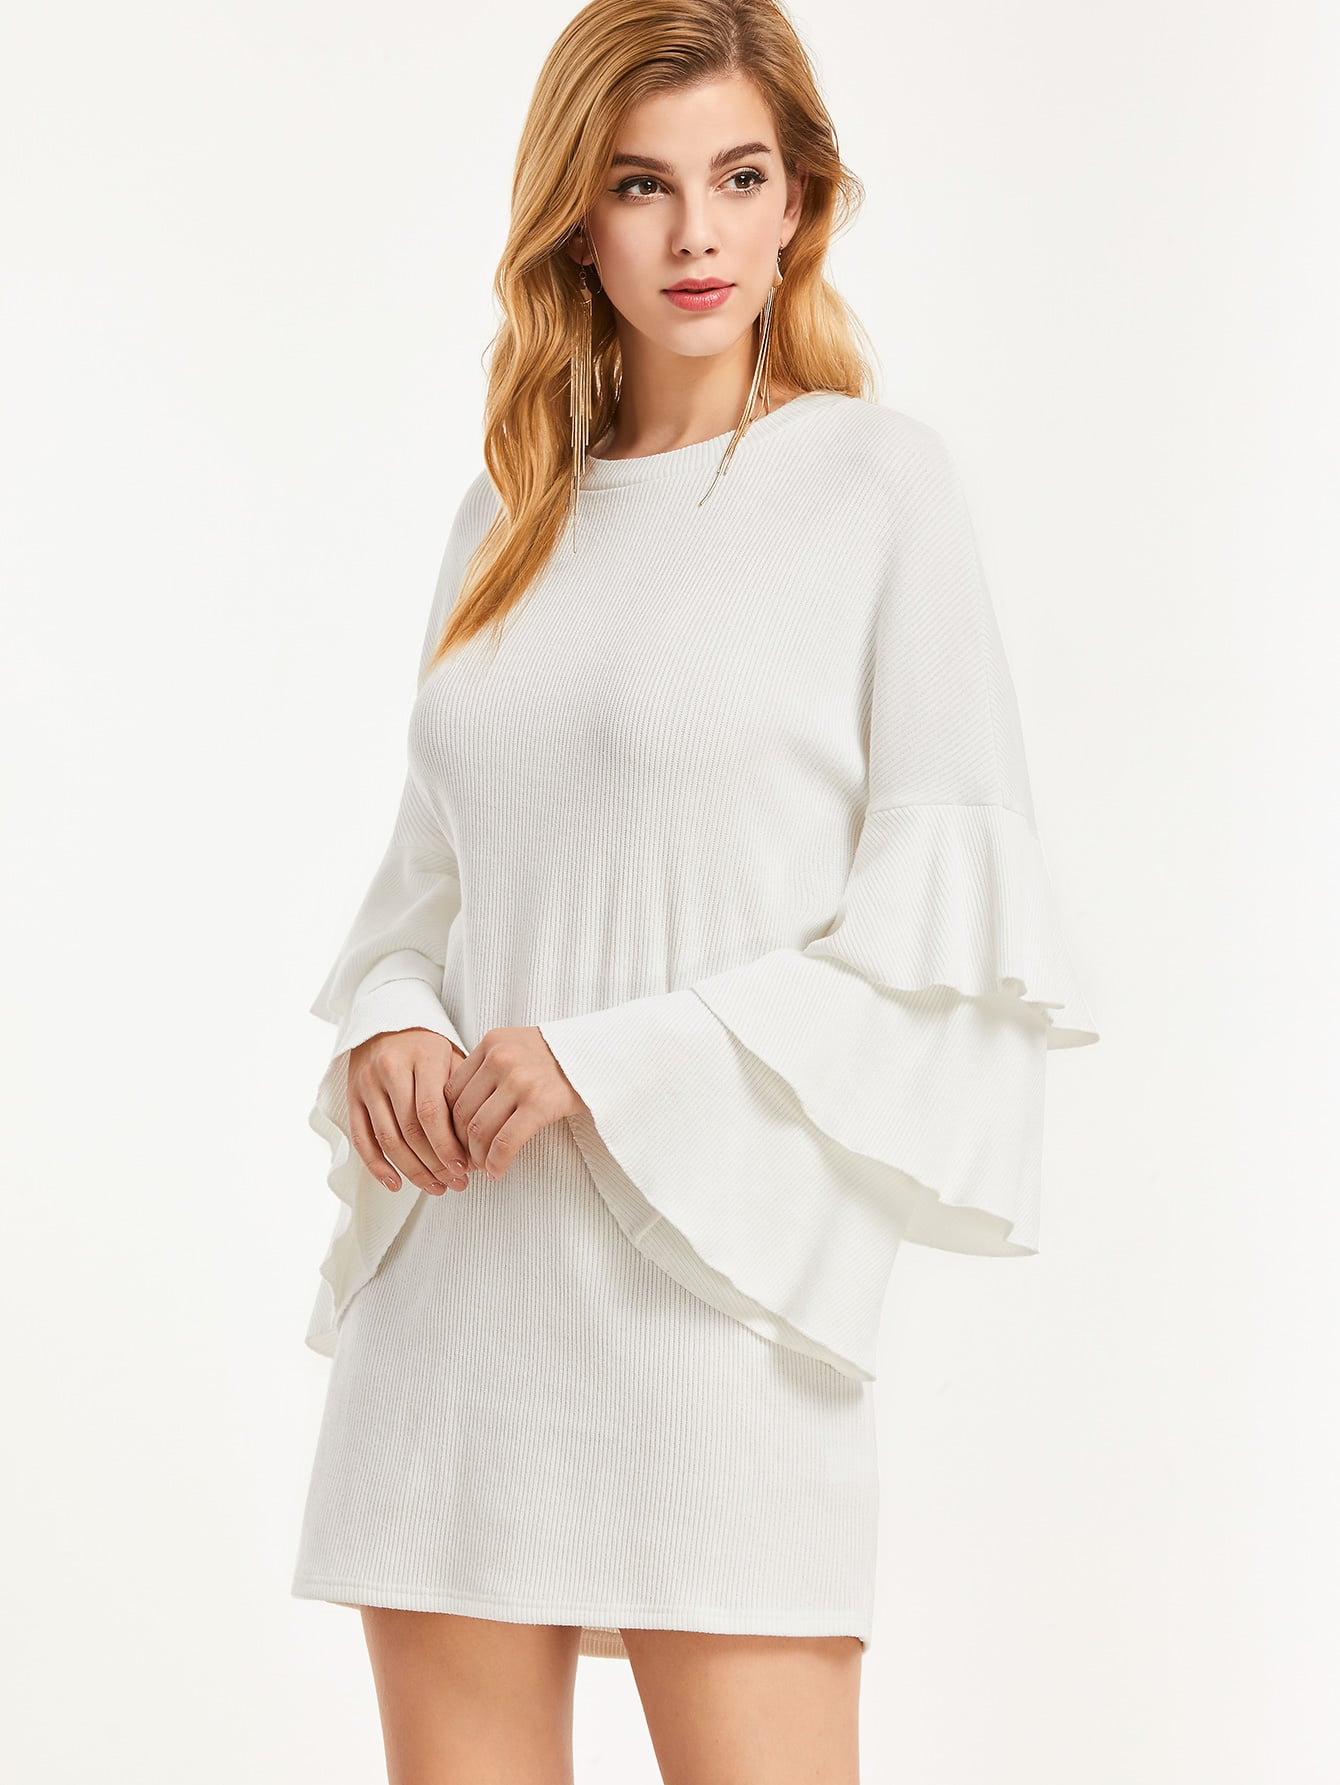 White Ribbed Knit Layered Ruffle Sleeve Dress dress161125702